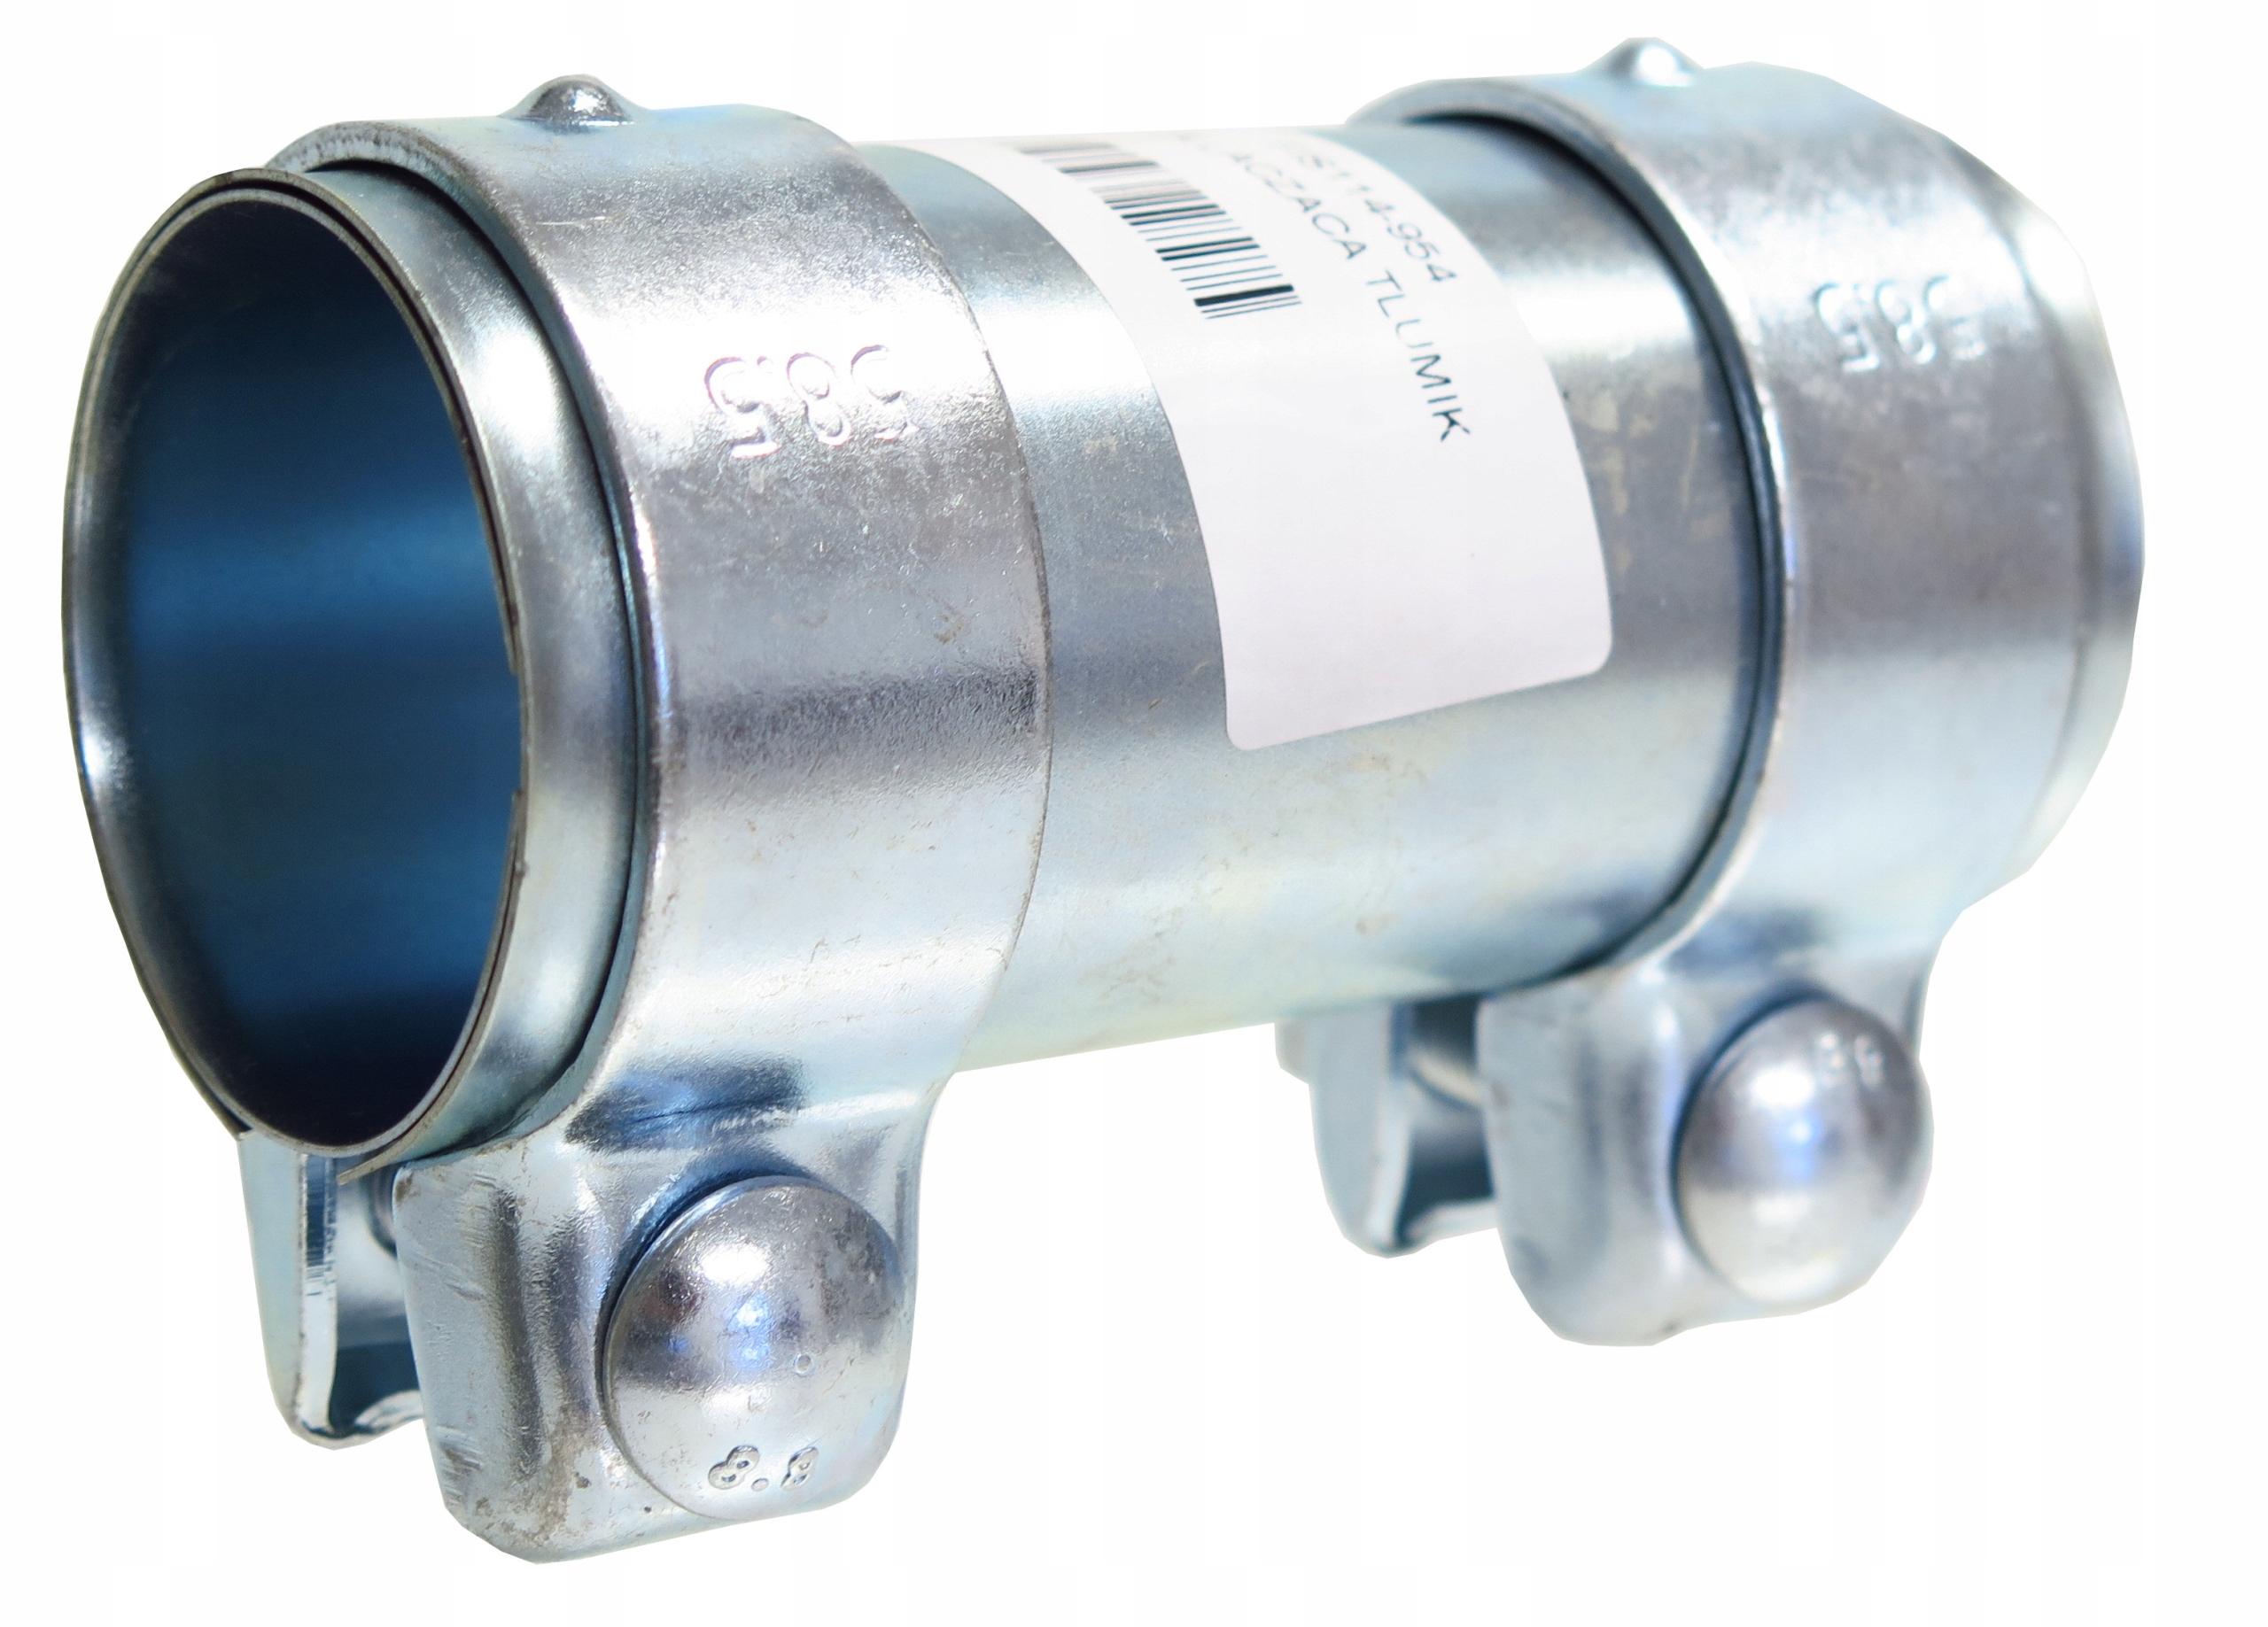 разъем Соединитель трубы зажим 54 мм Сочетает в себе две трубы